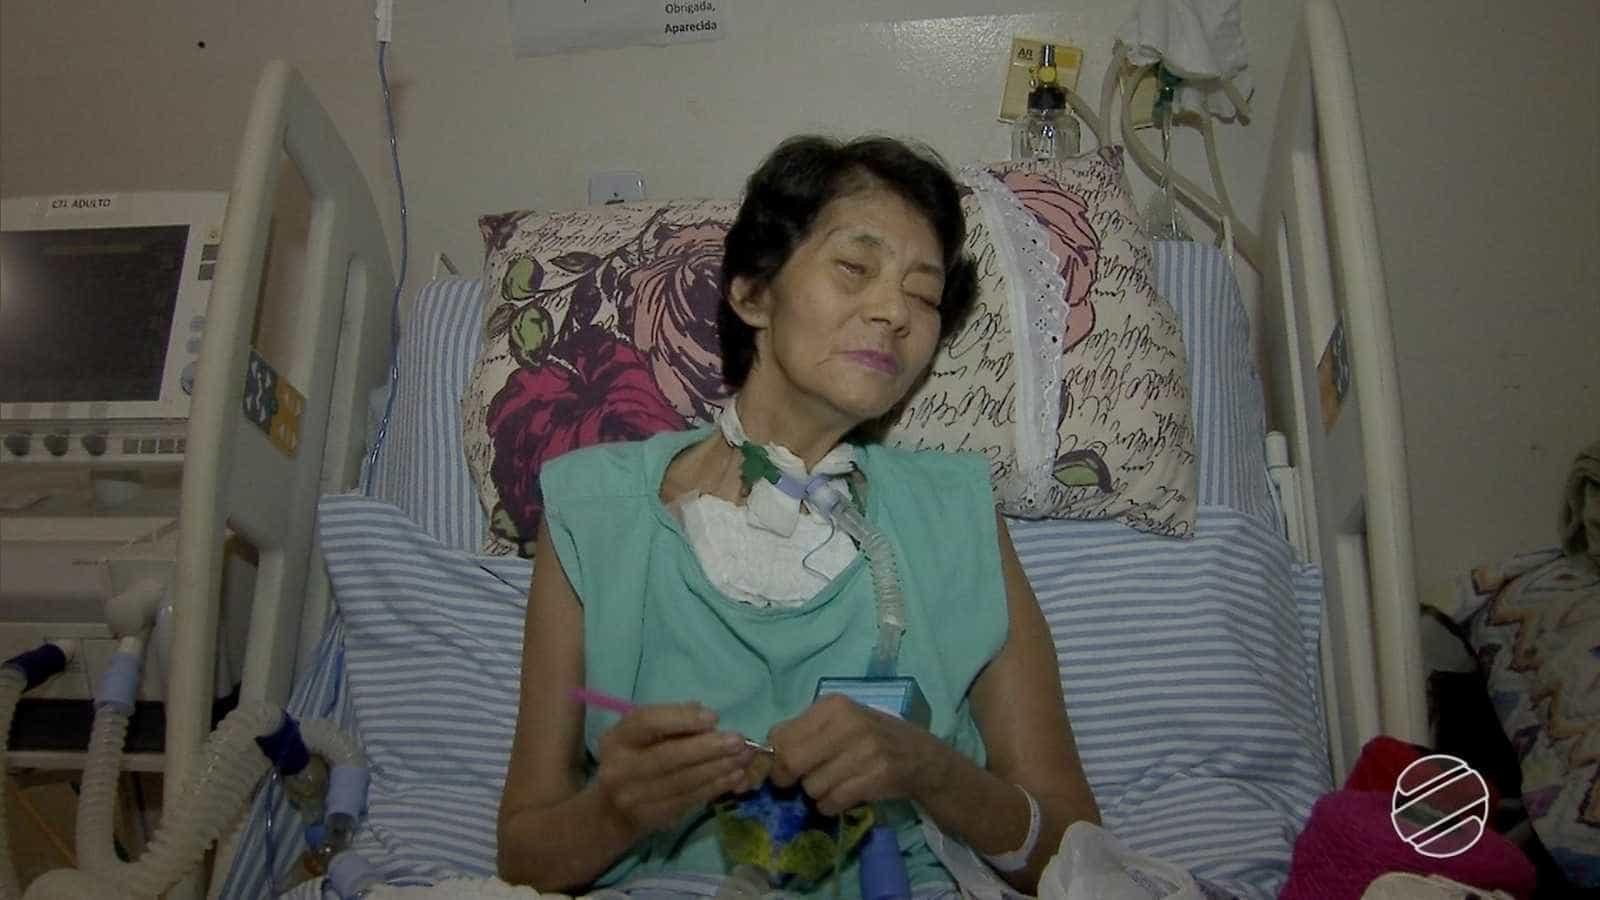 Internada, paciente cega faz crochê para ajudar no sustento da família